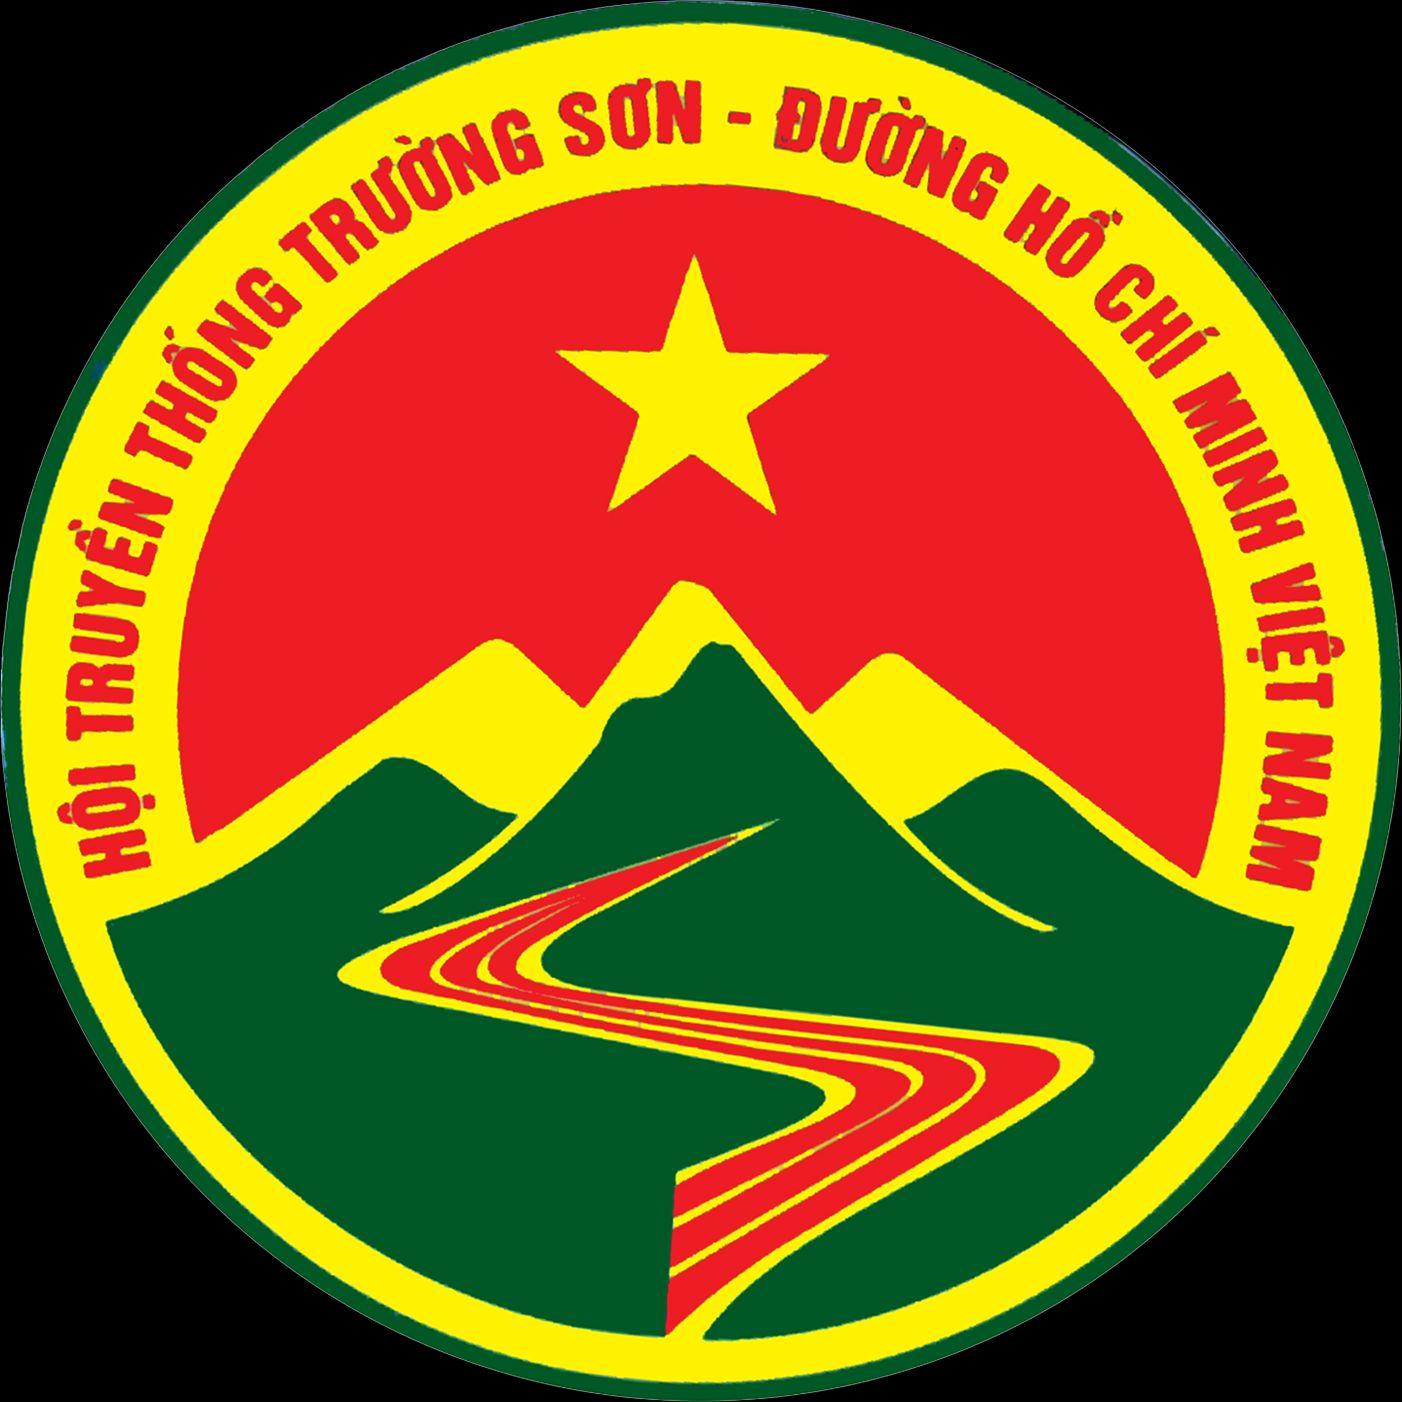 Ban LL Hội TS Quảng Ninh, Quảng Bình 5 năm một chặng đường nhìn lại